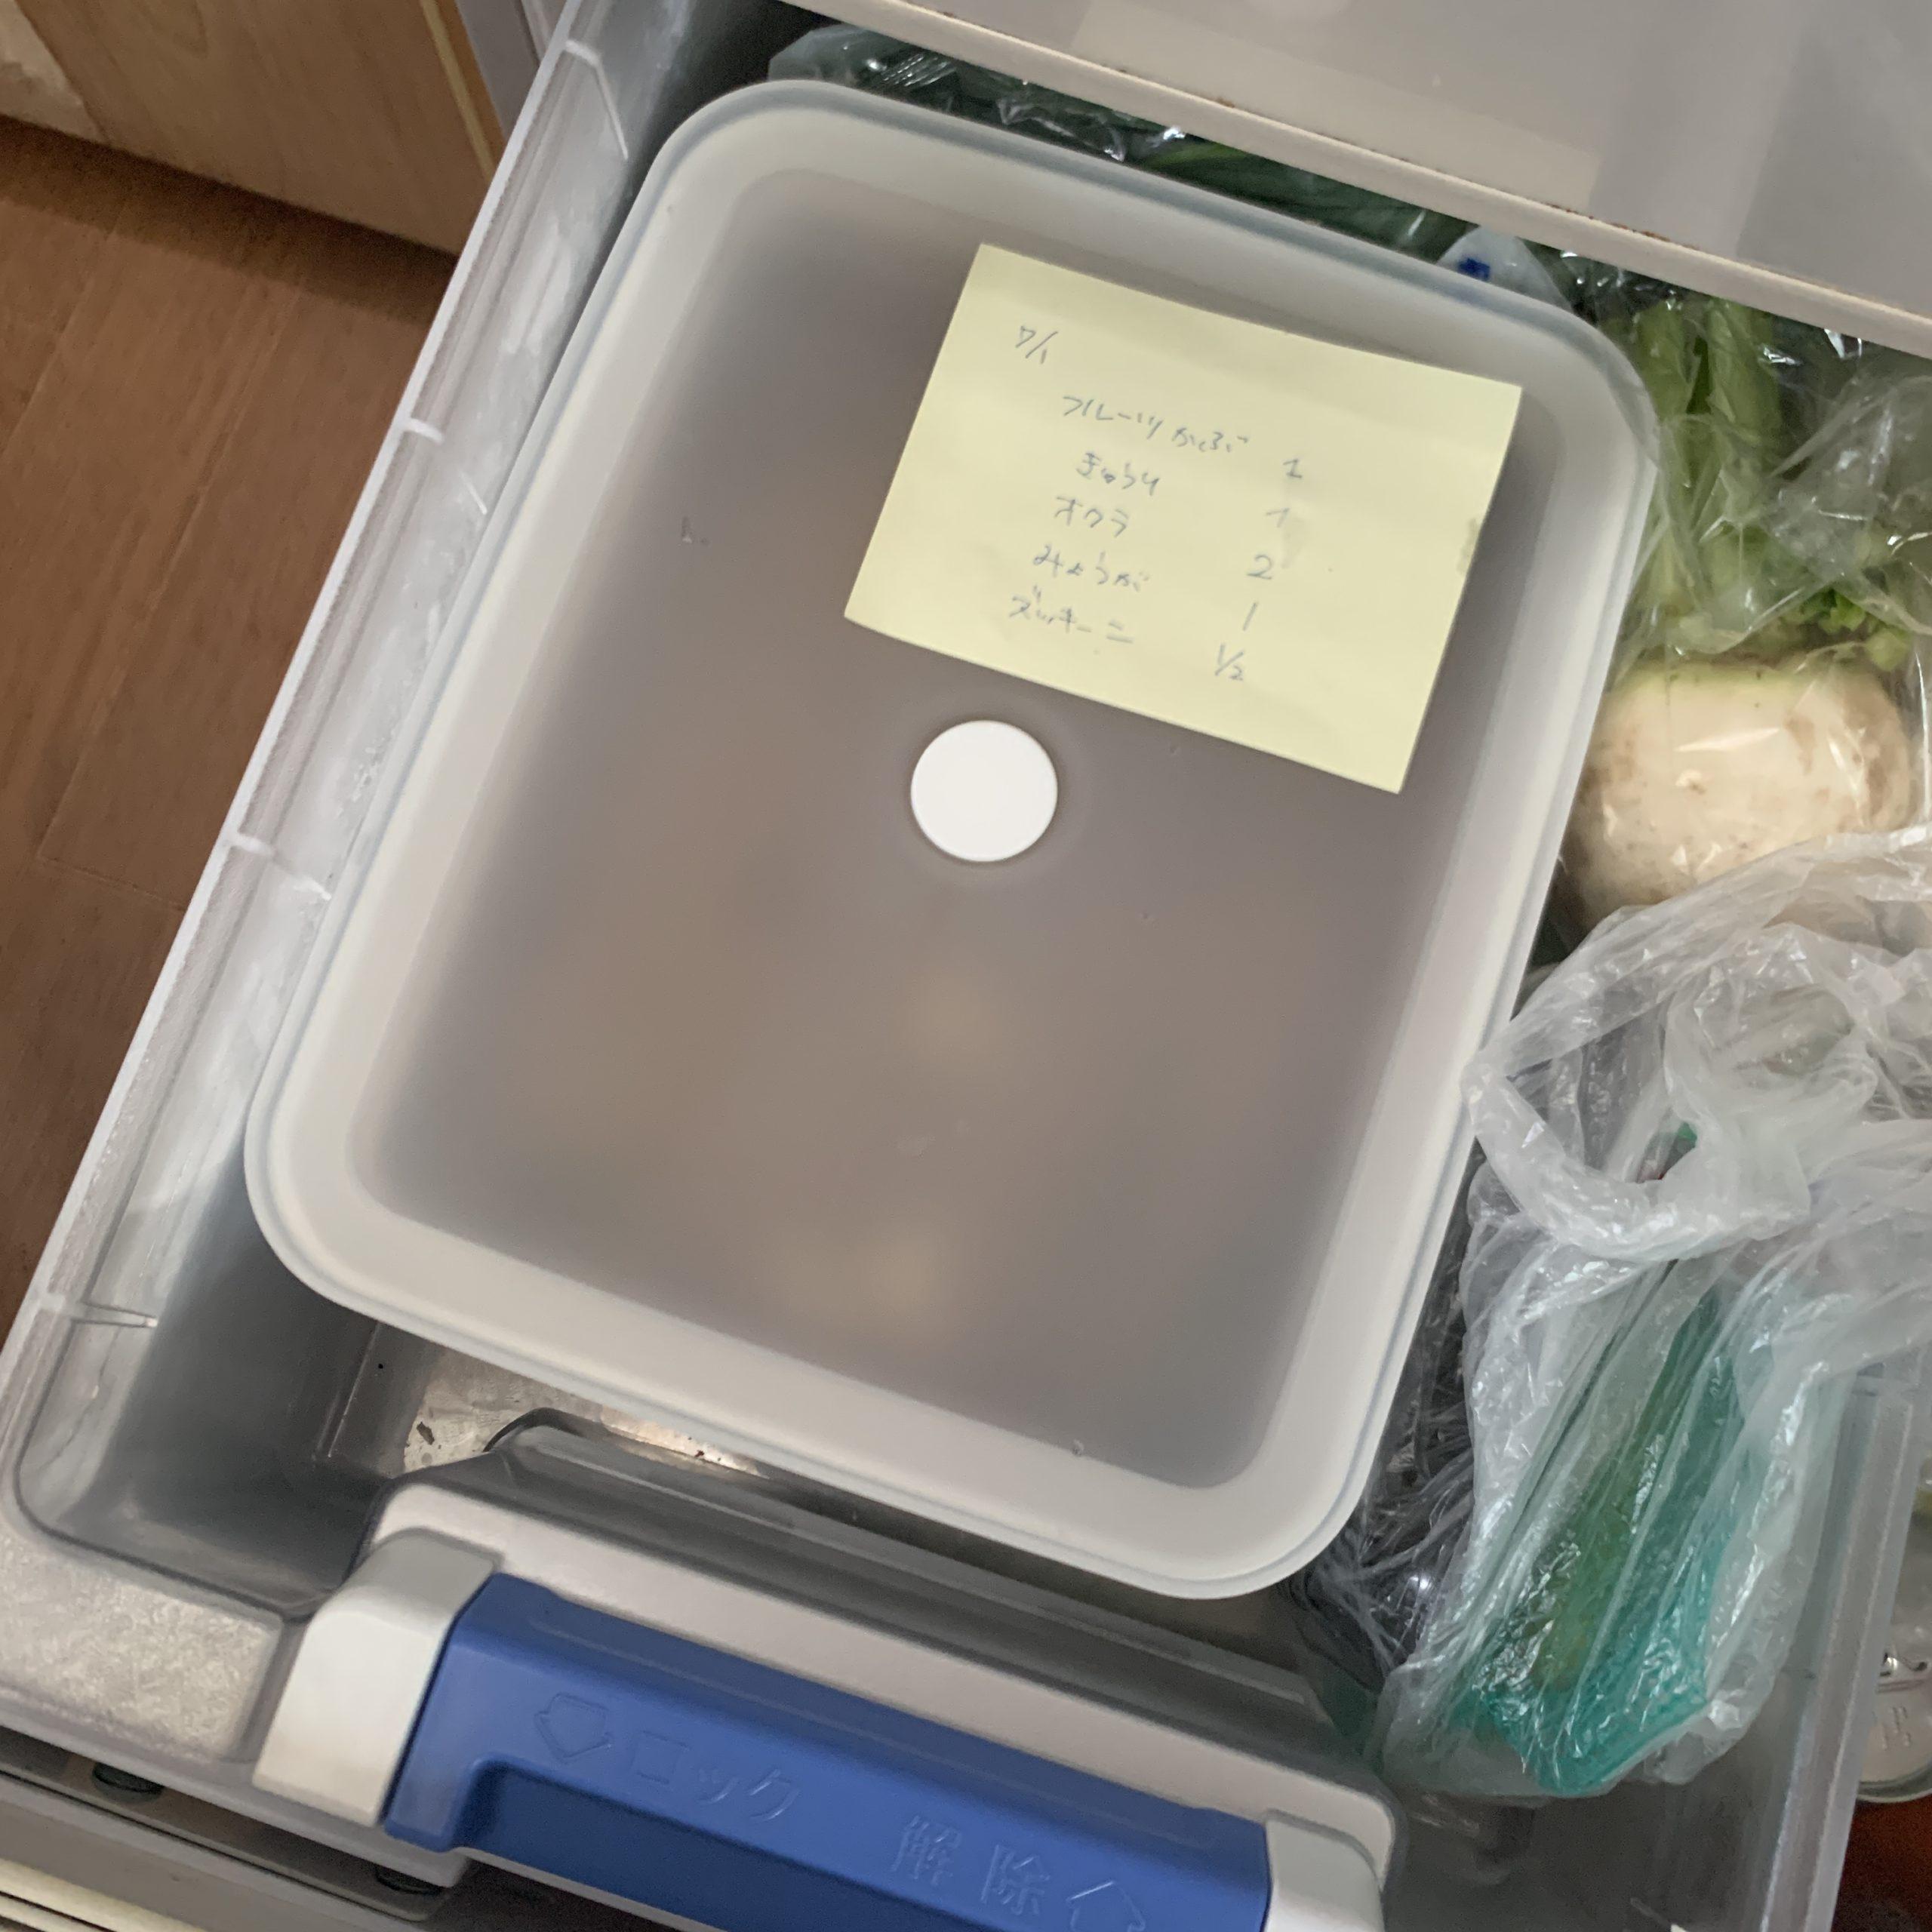 無印良品のホーロー容器が冷蔵庫にピッタリ